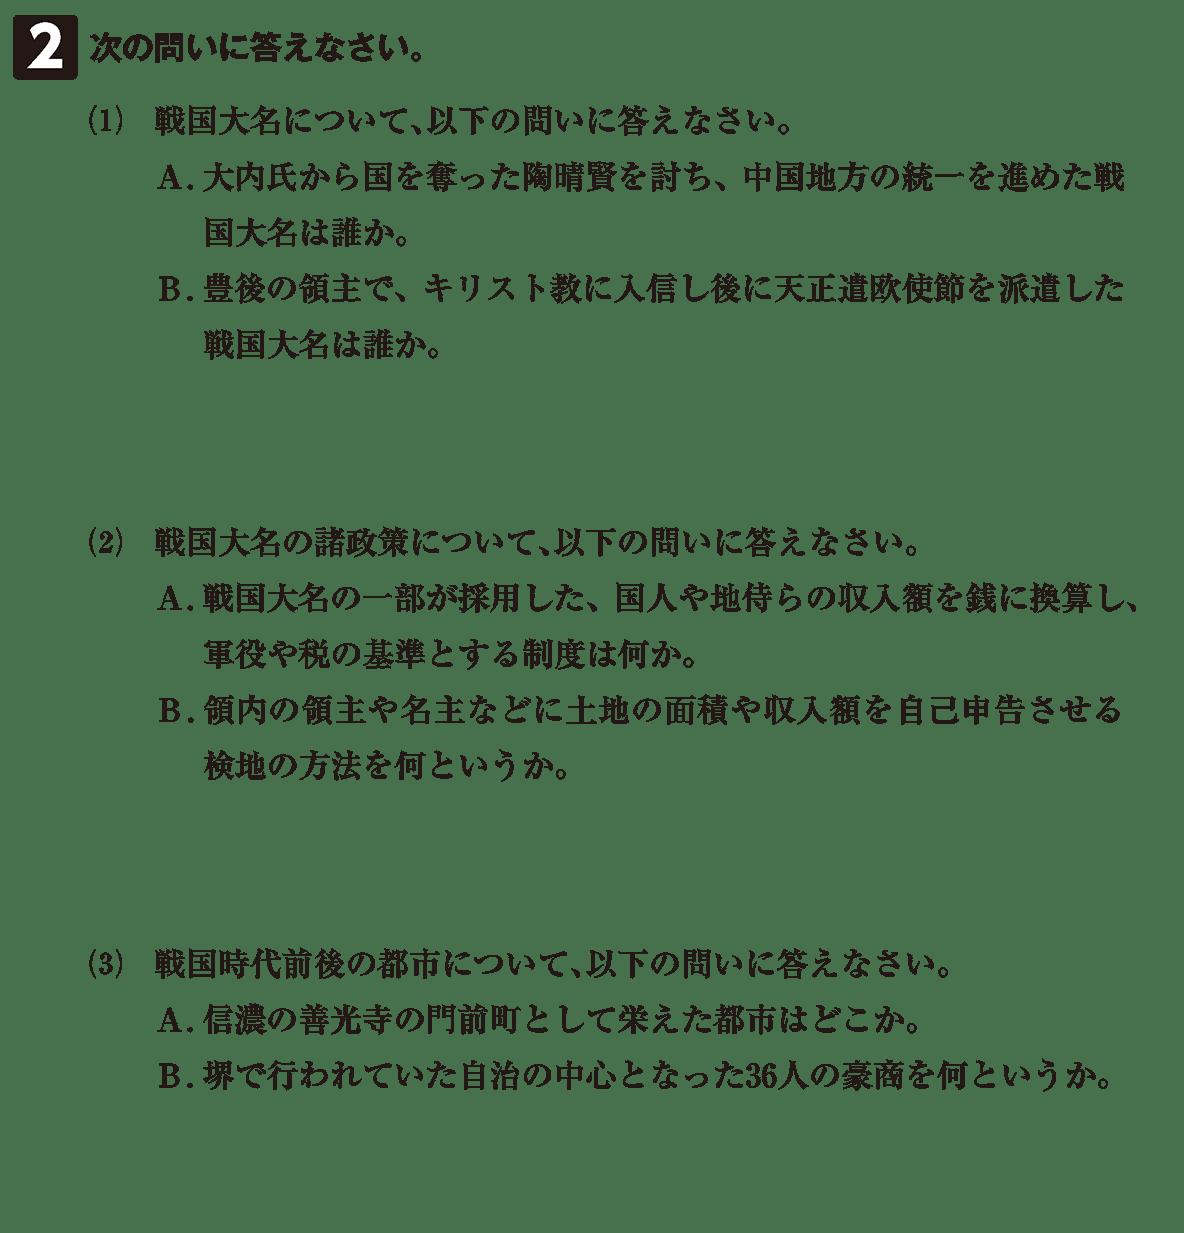 中世39 問題2 問題